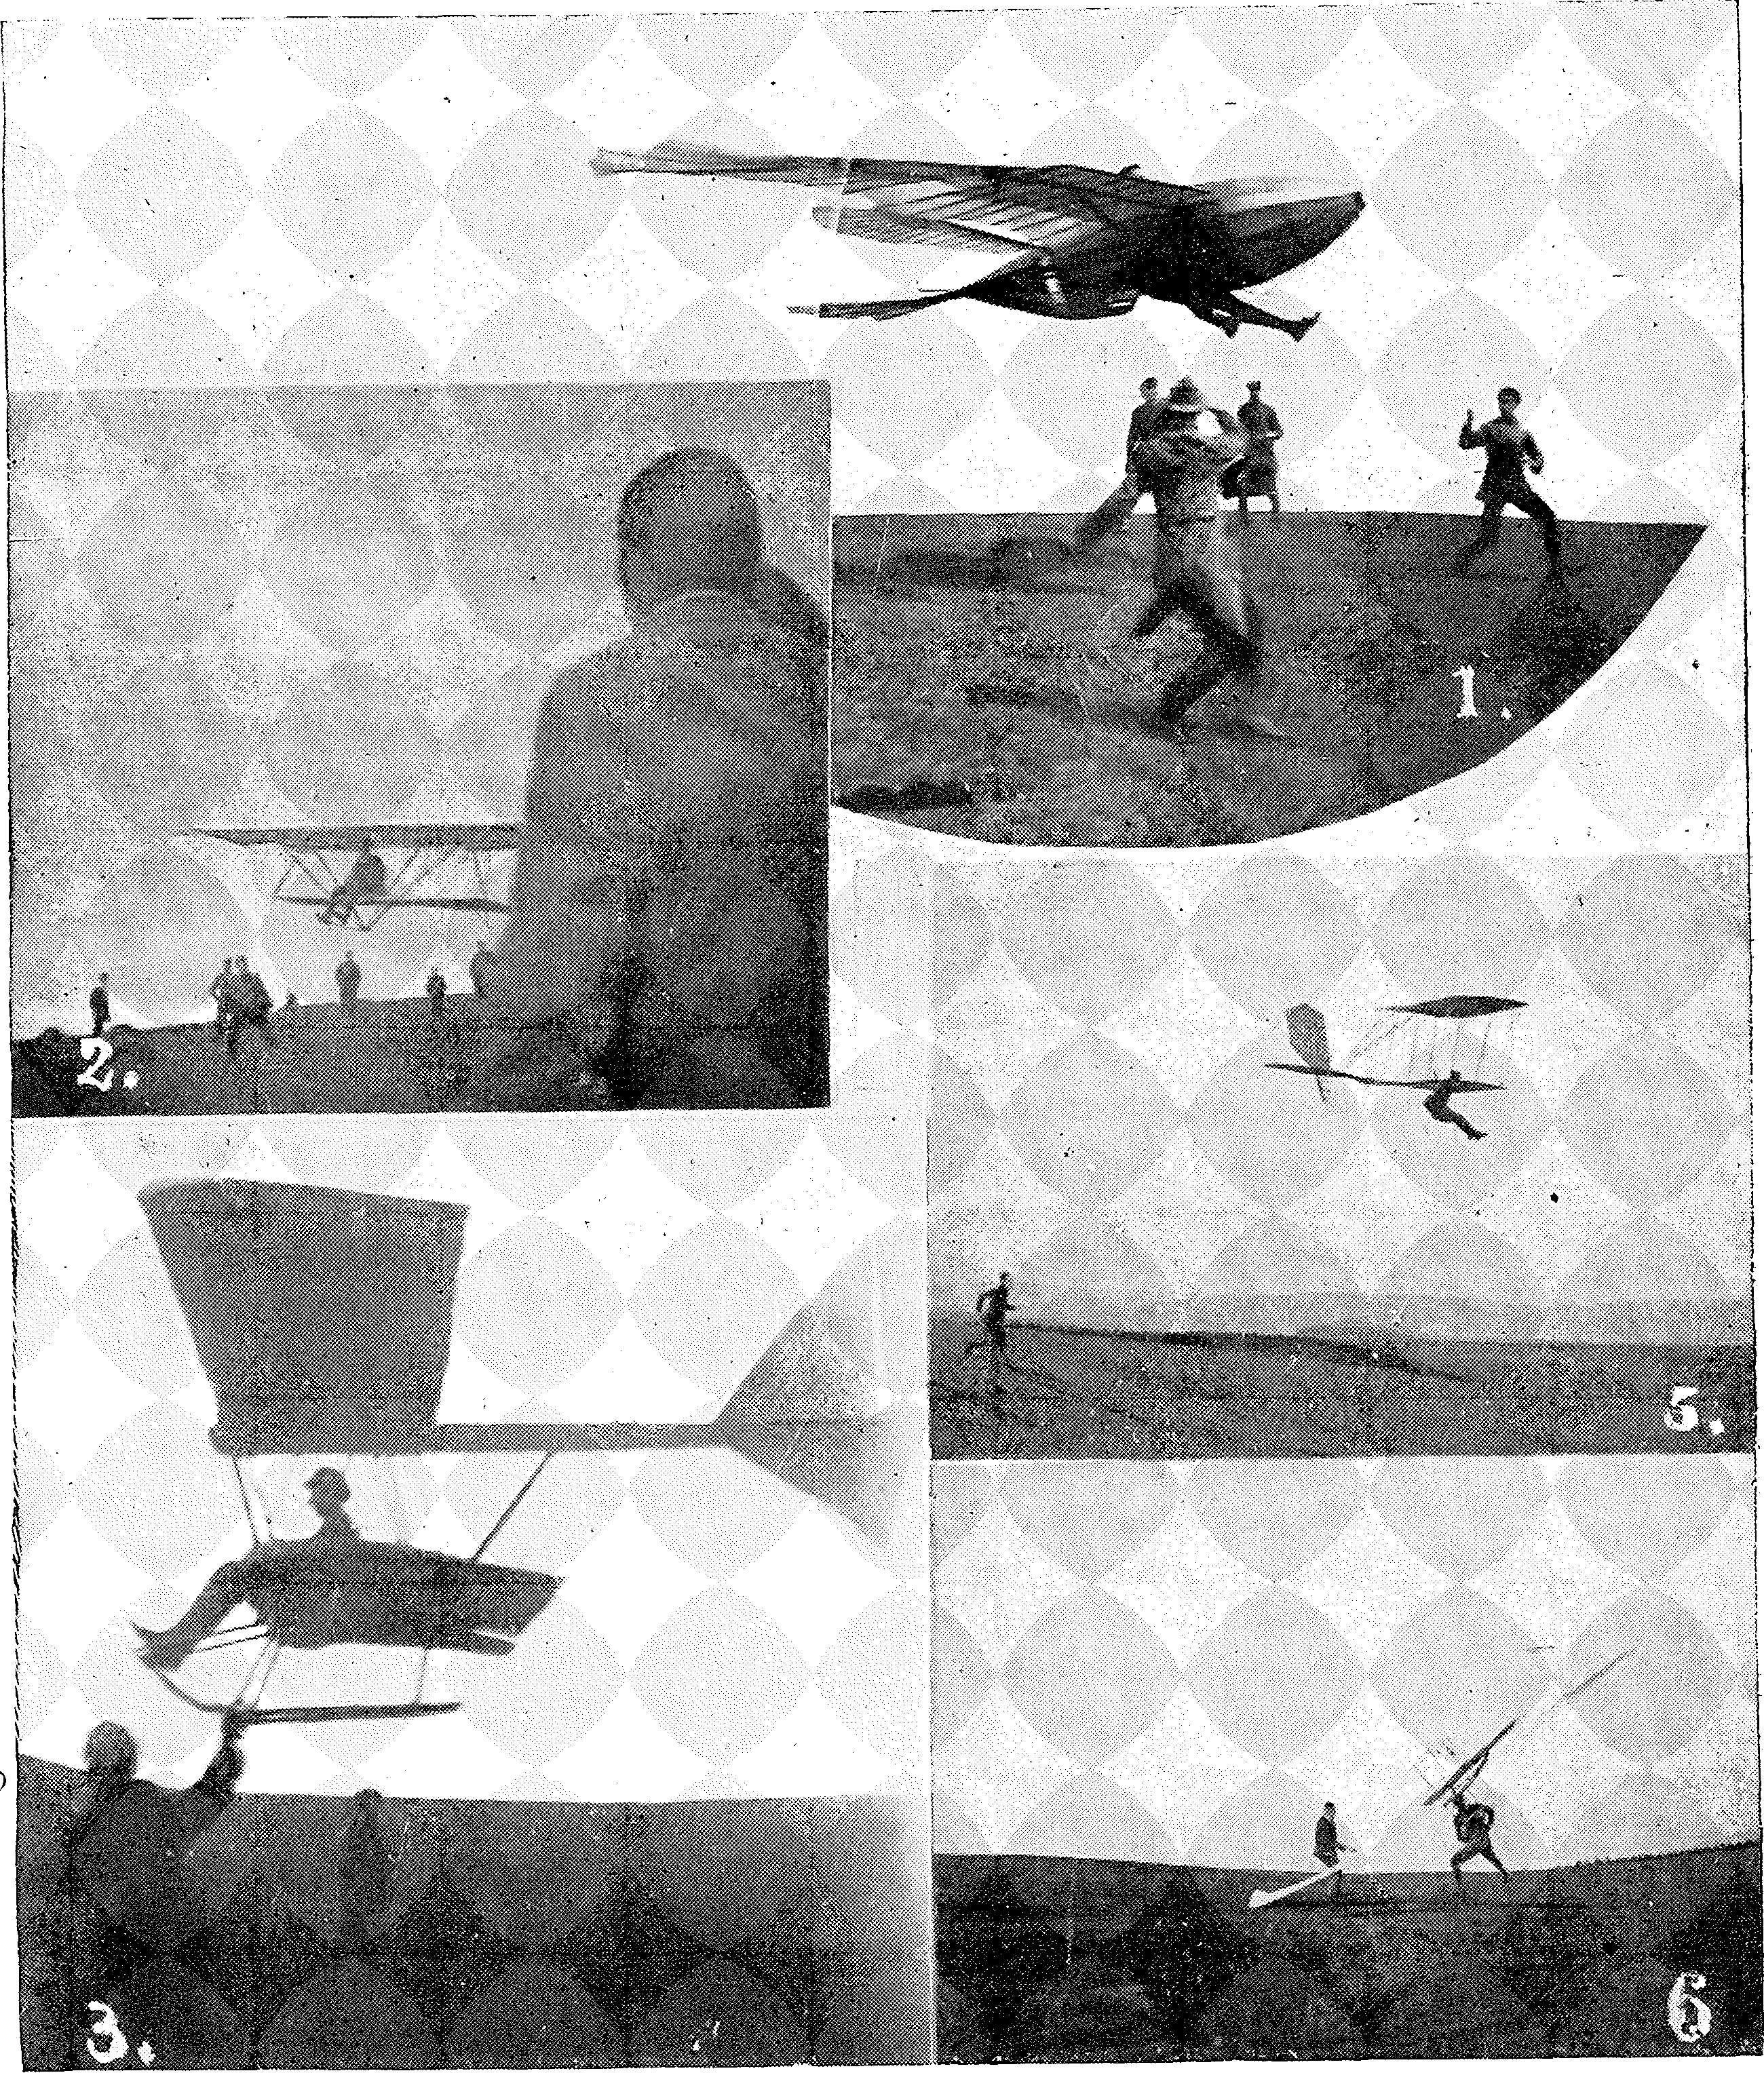 Segelflug, Motorflug und Modellflug sowie Luftfahrt und Luftverkehr im Deutschen Reich (Weimarer Republik) im Jahre 1931